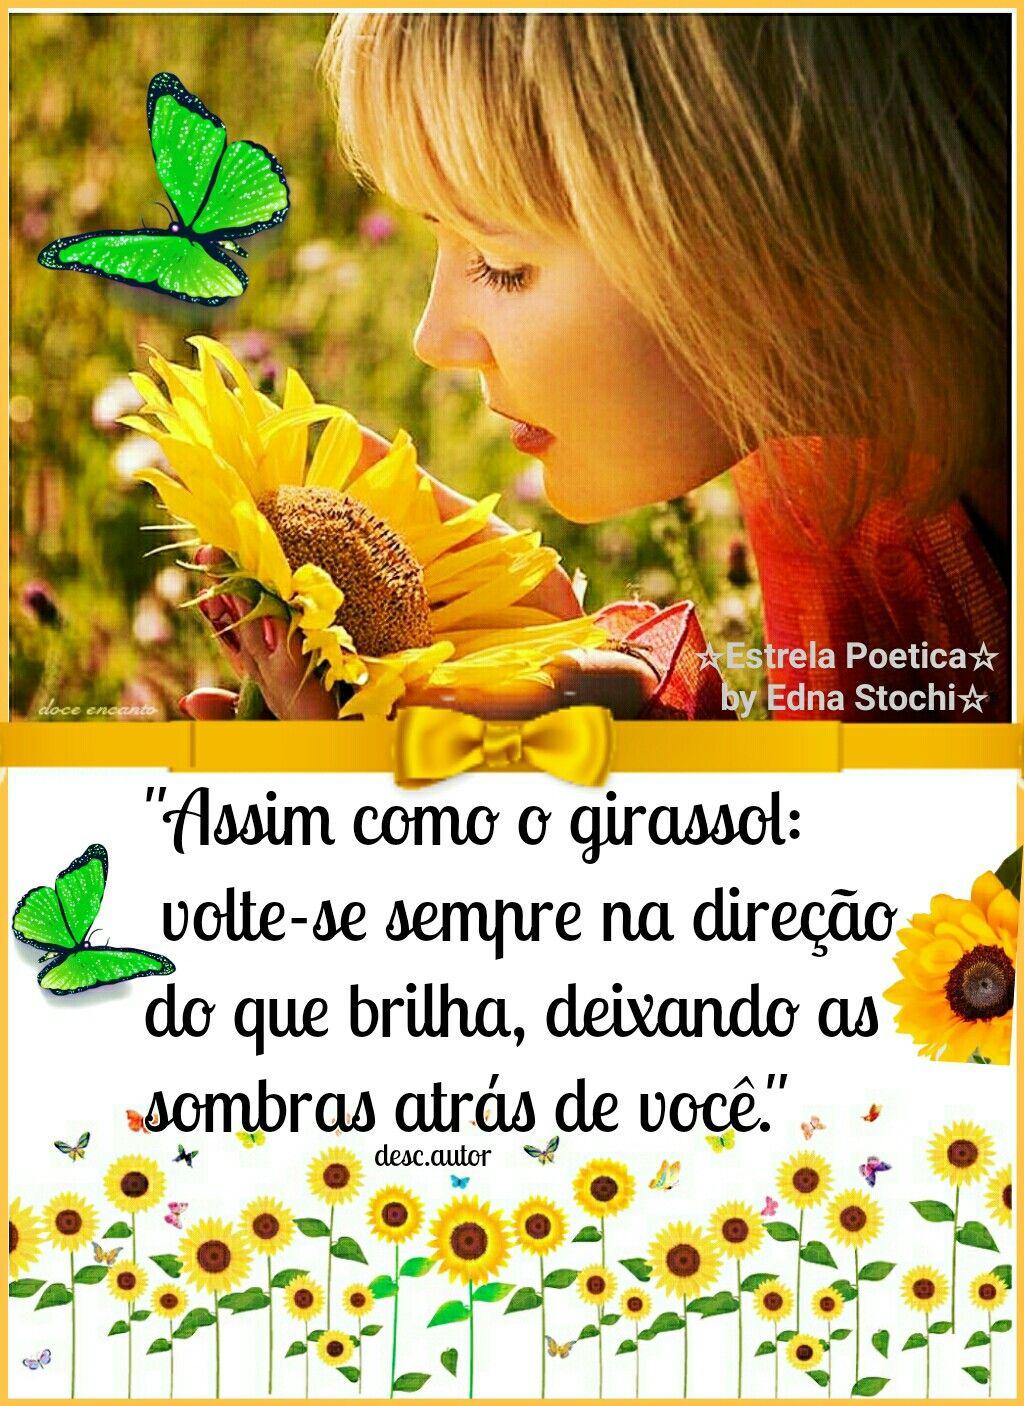 Como Girassol Bomdia Boatarde Boanoite Amigos Deus Frases